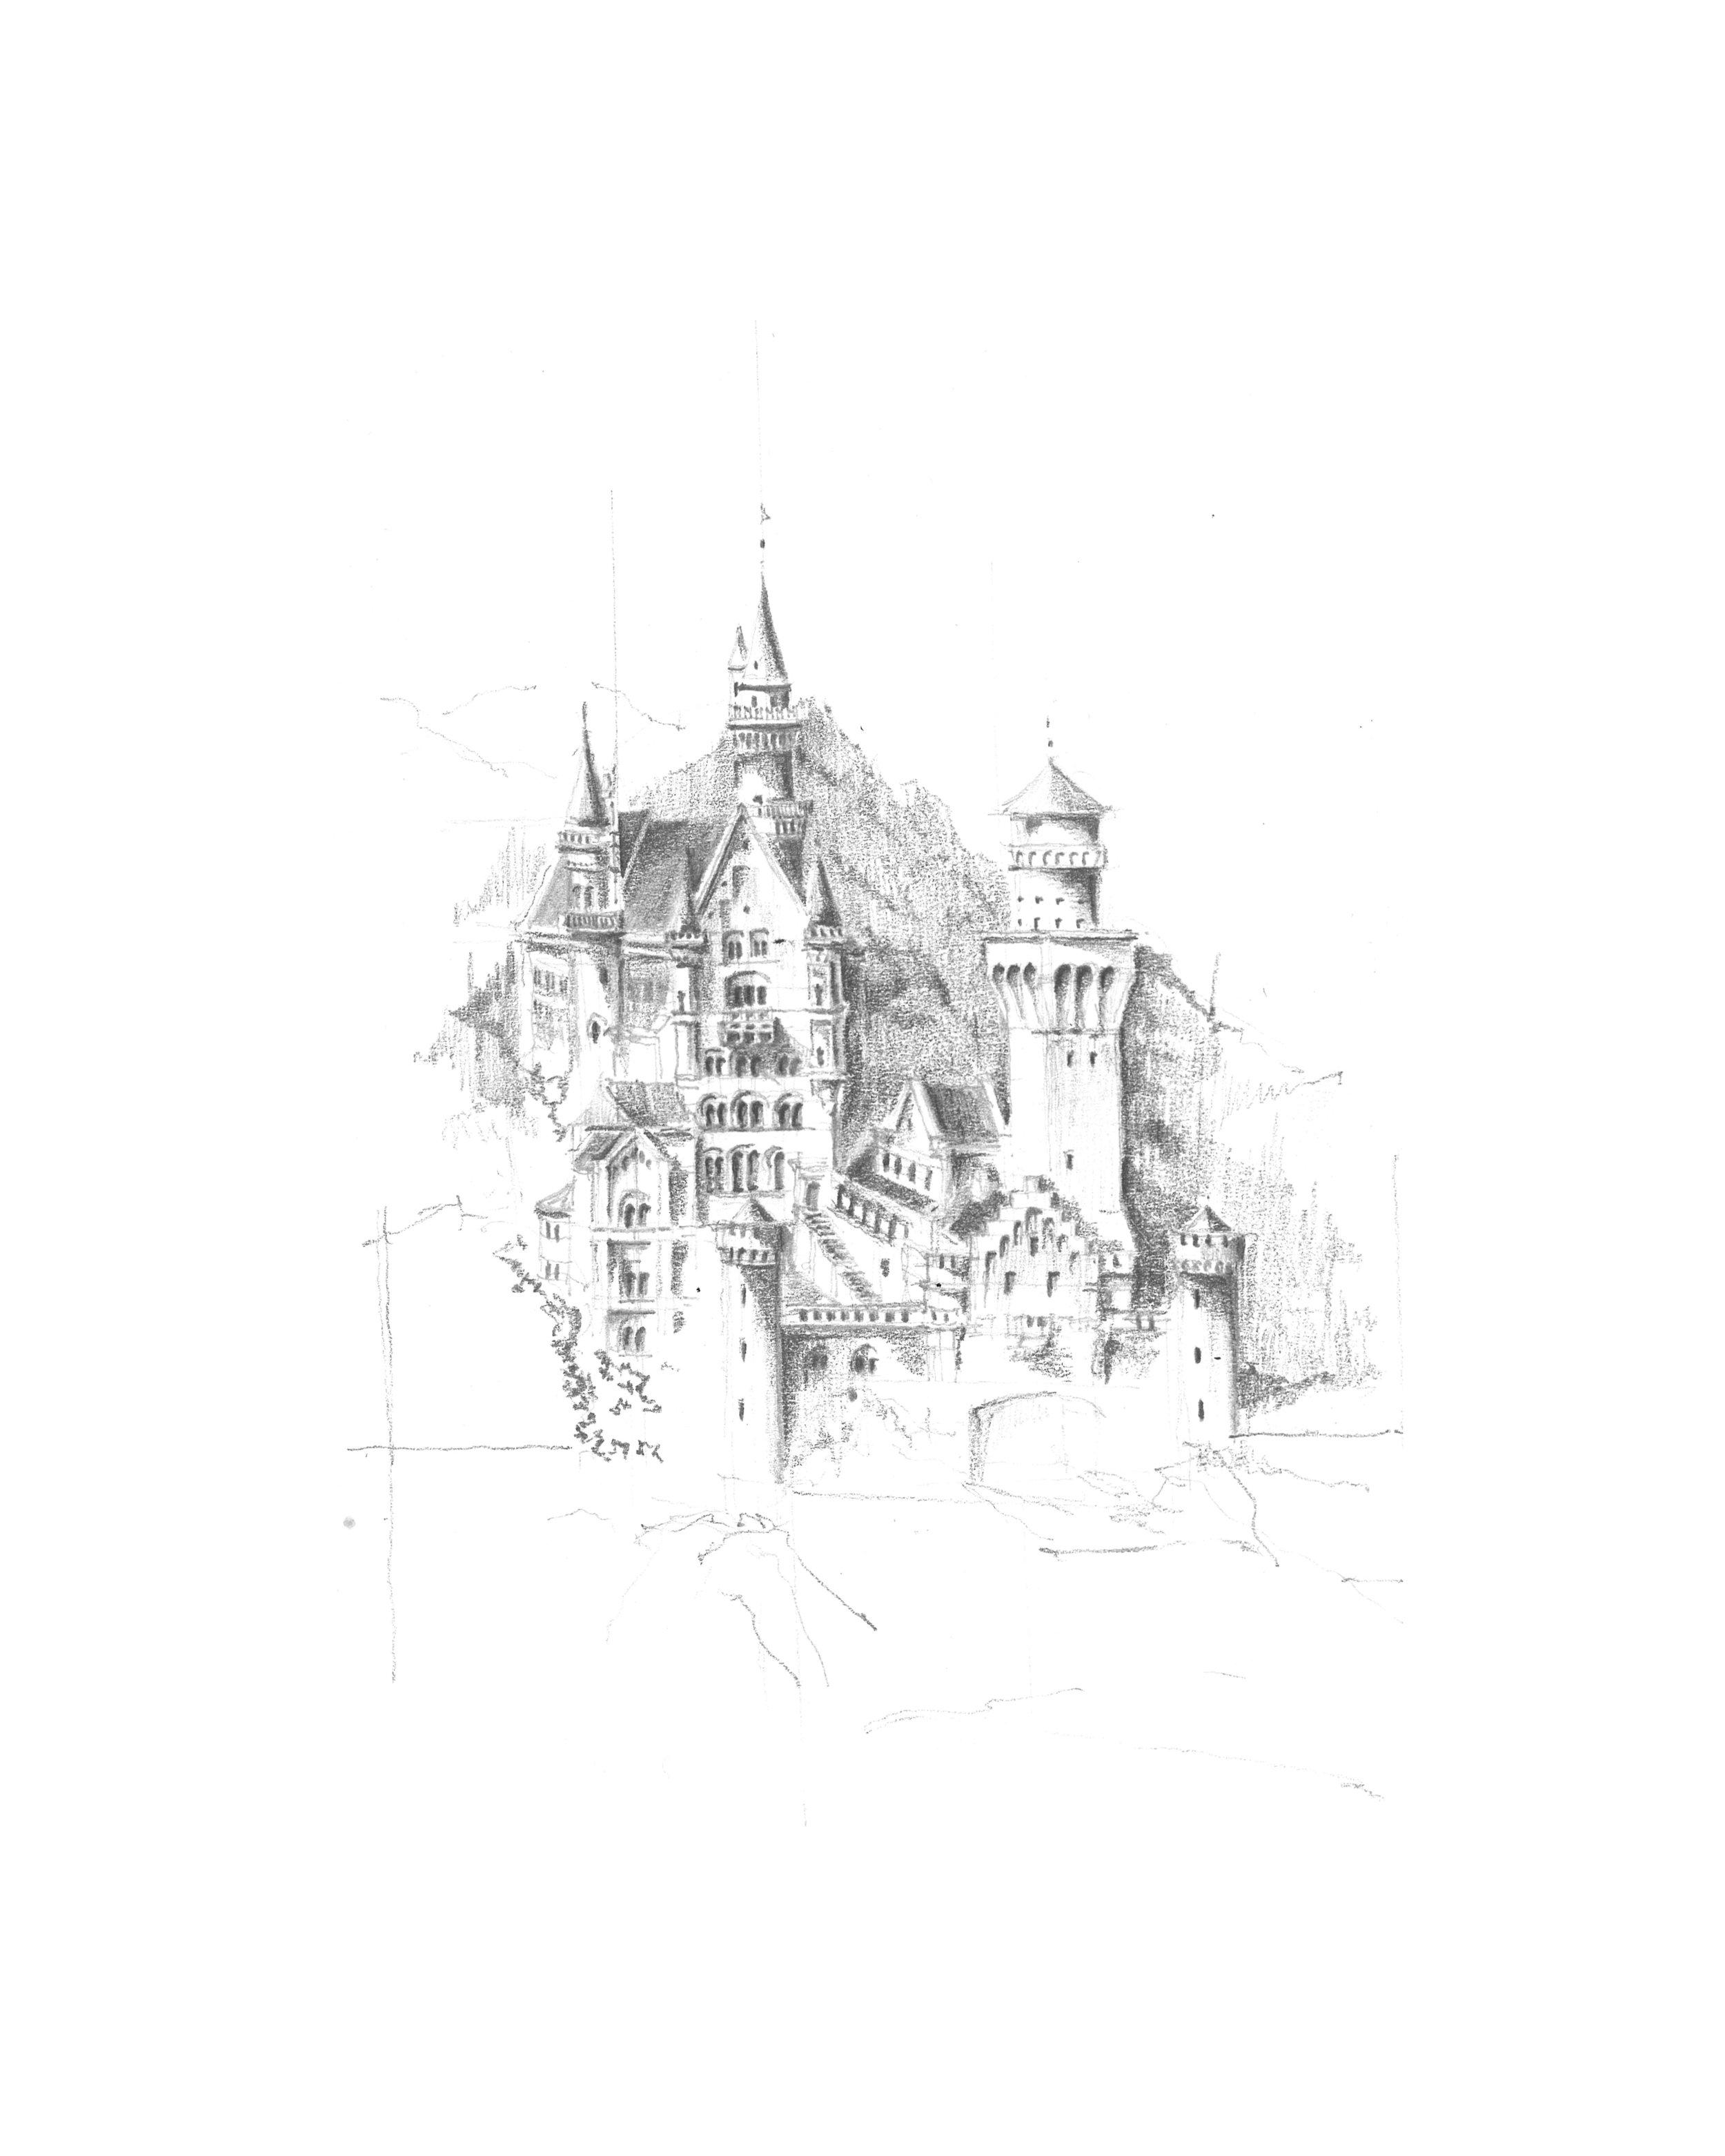 neuschwanstein of bavaria.jpg